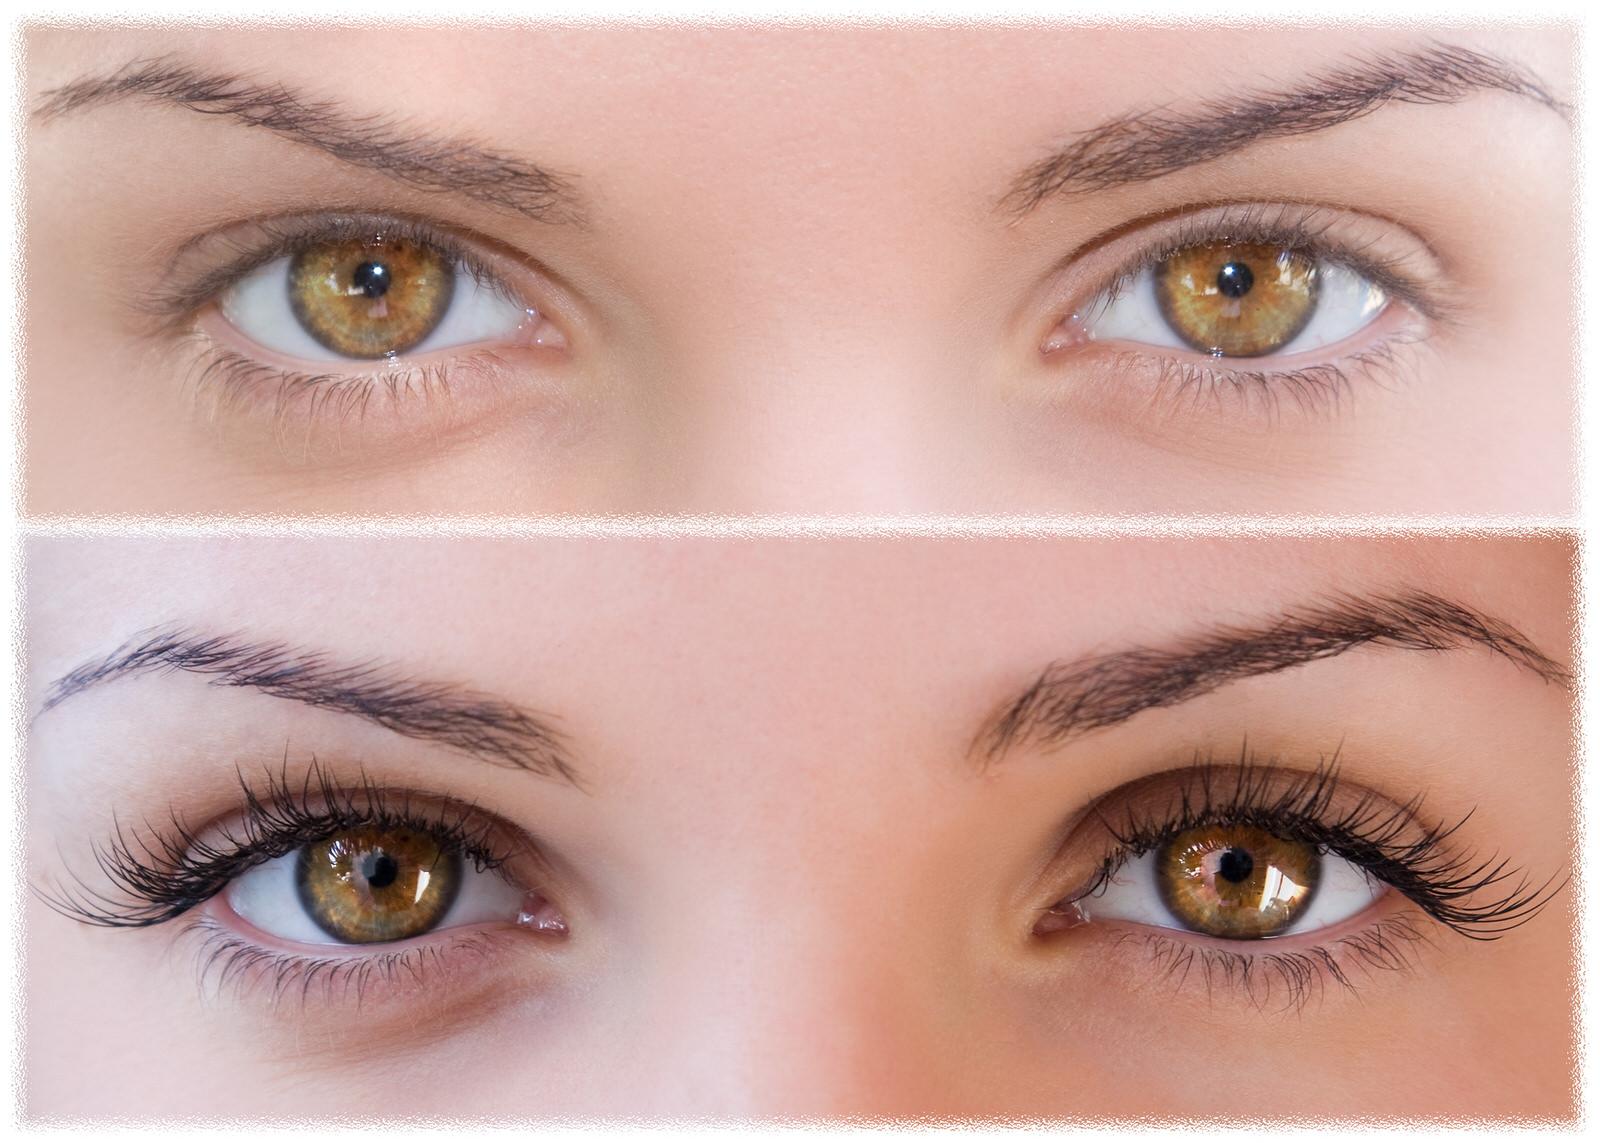 Eyelash Extensions Santa Barbara Lashes